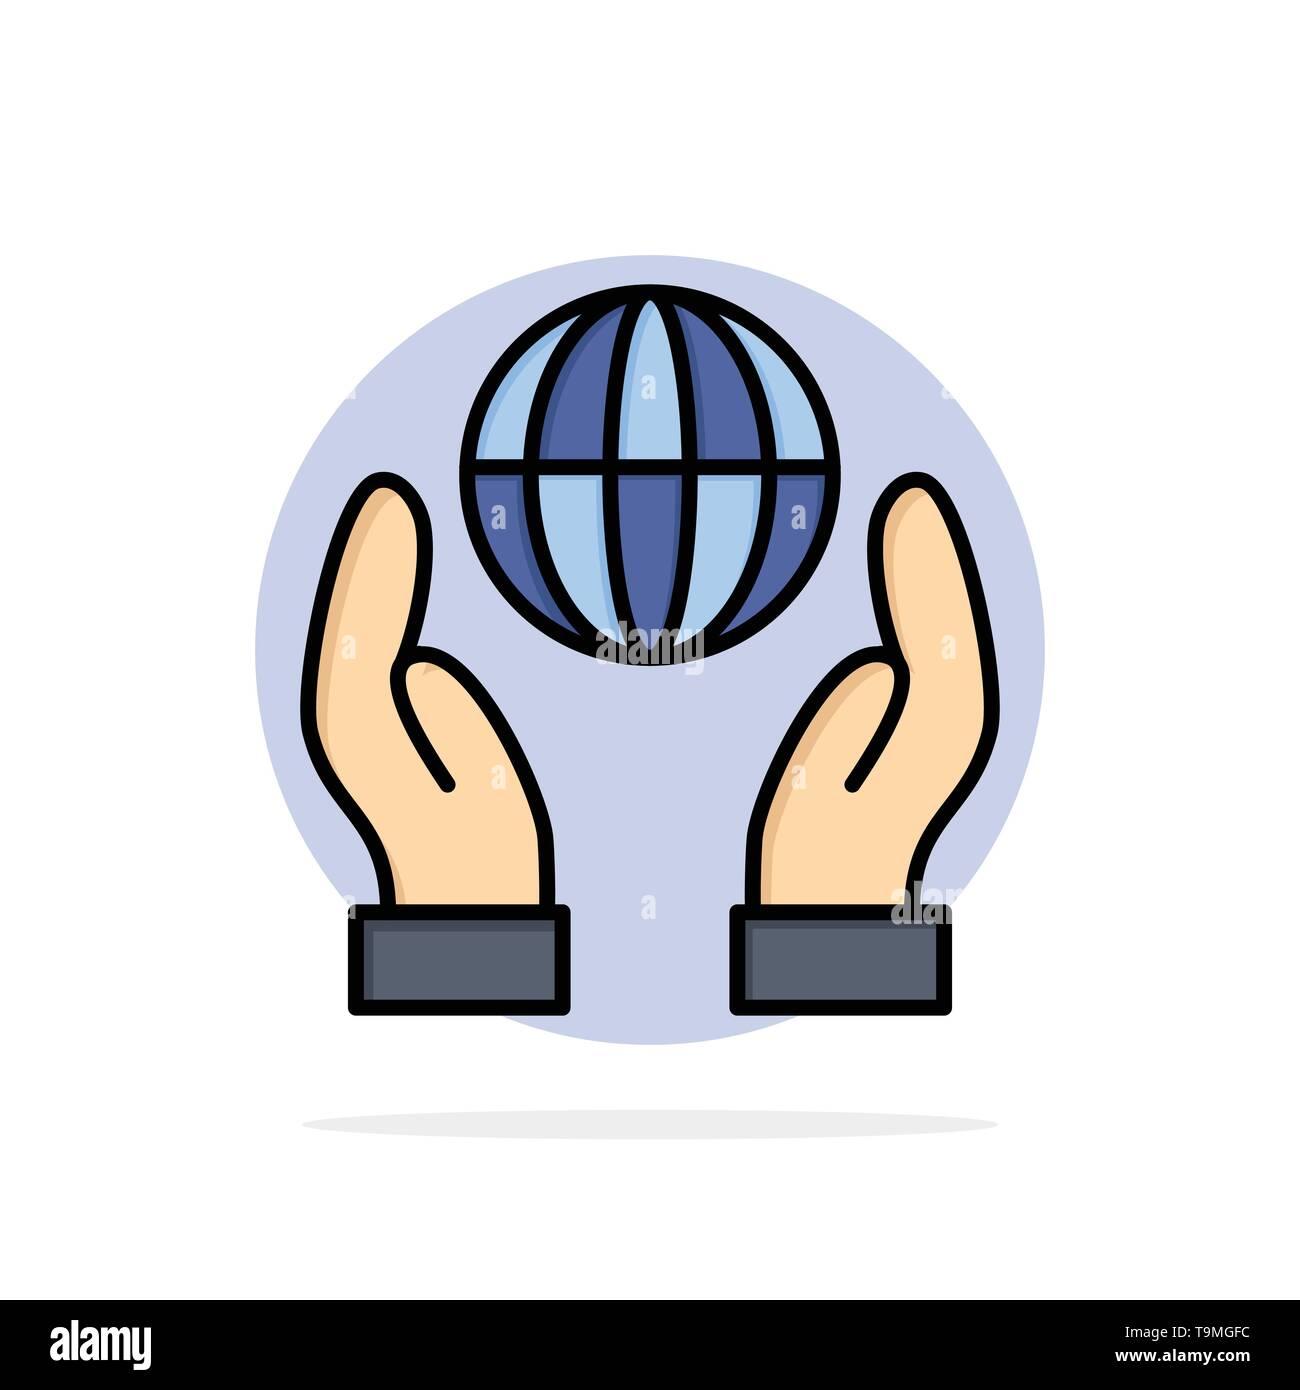 Biosphäre, Naturschutz, Energie, Strom abstrakten Kreis Hintergrund flachen Farbe Symbol Stockbild